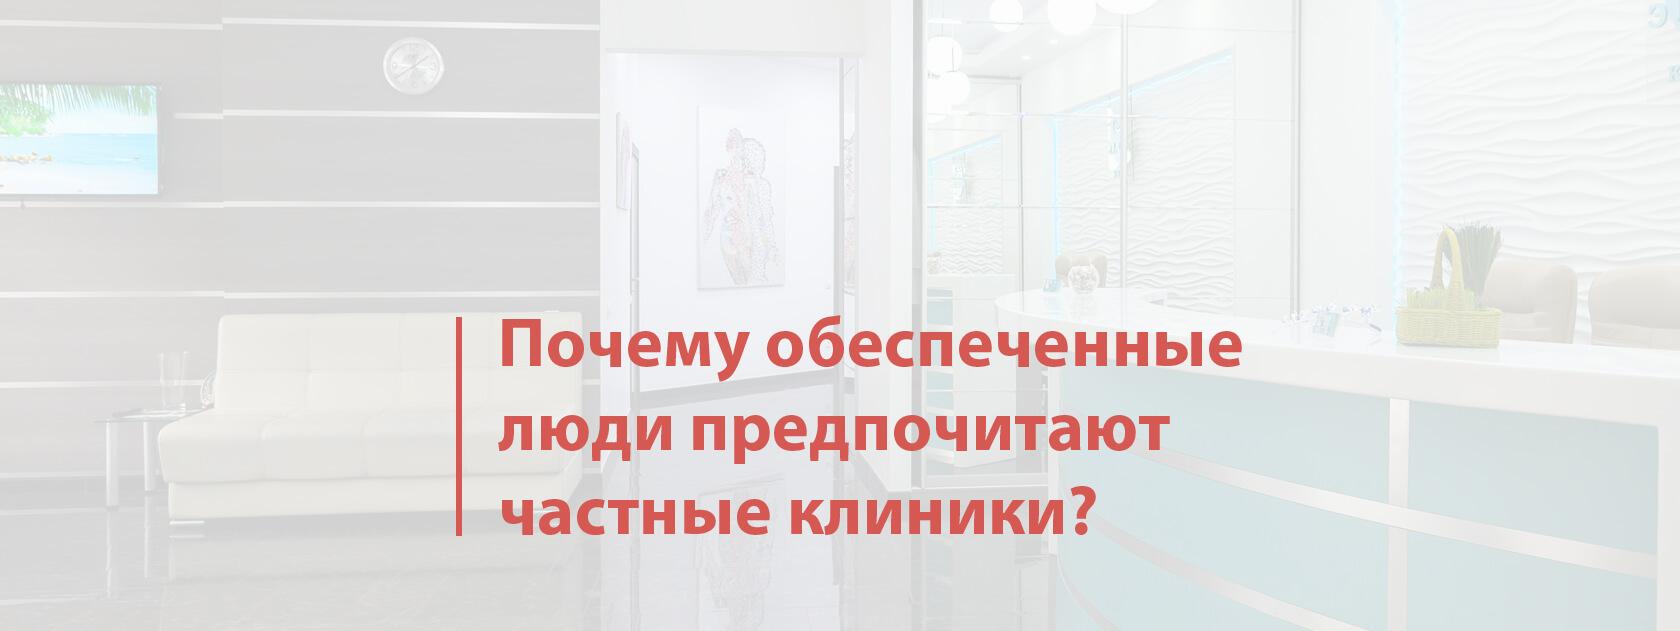 Выбор частной клиники